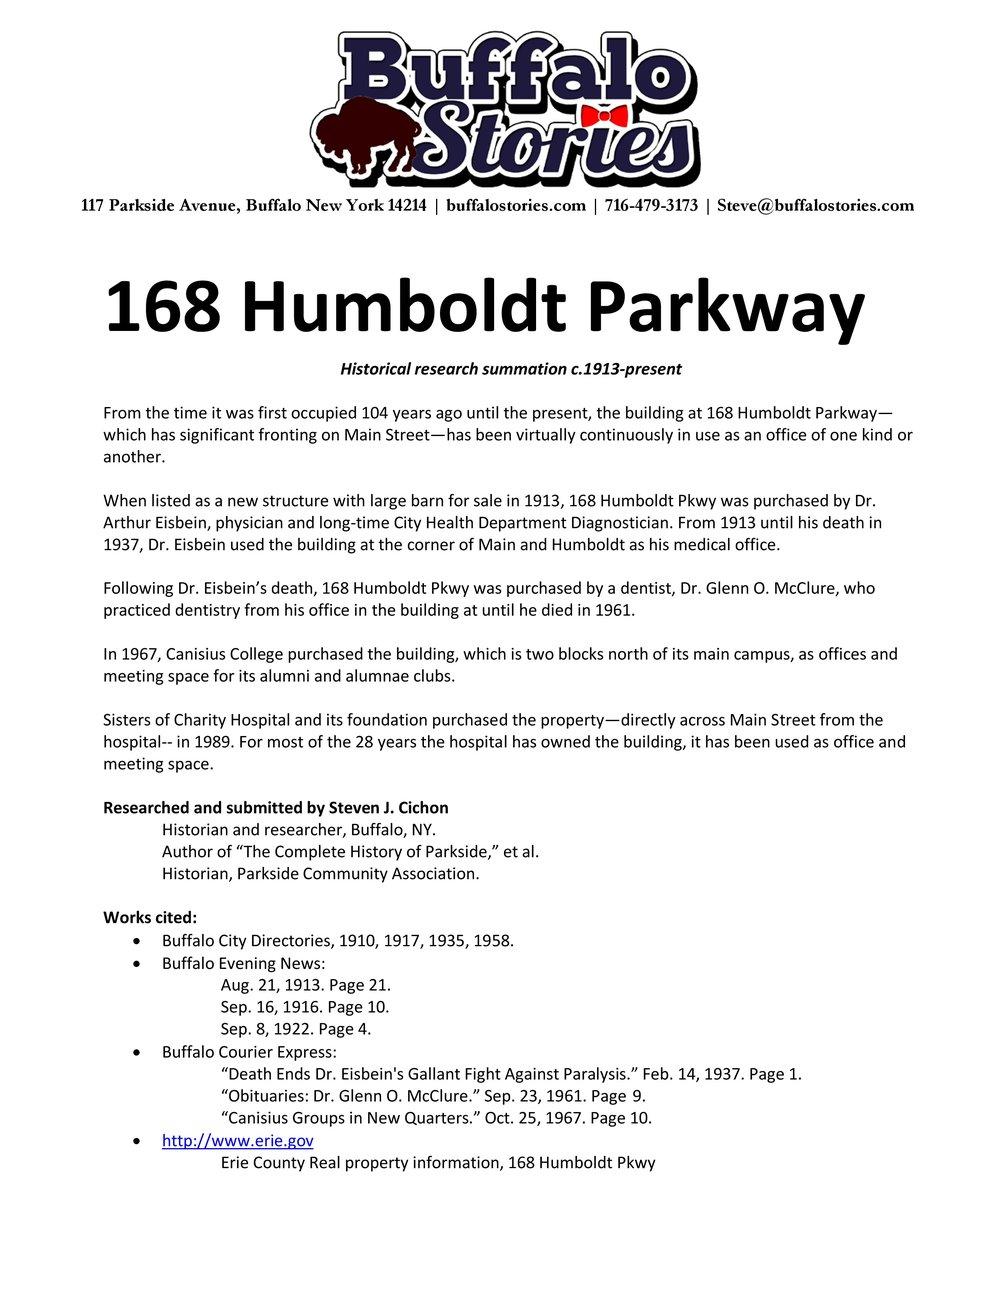 168 Humboldt Use History.jpg